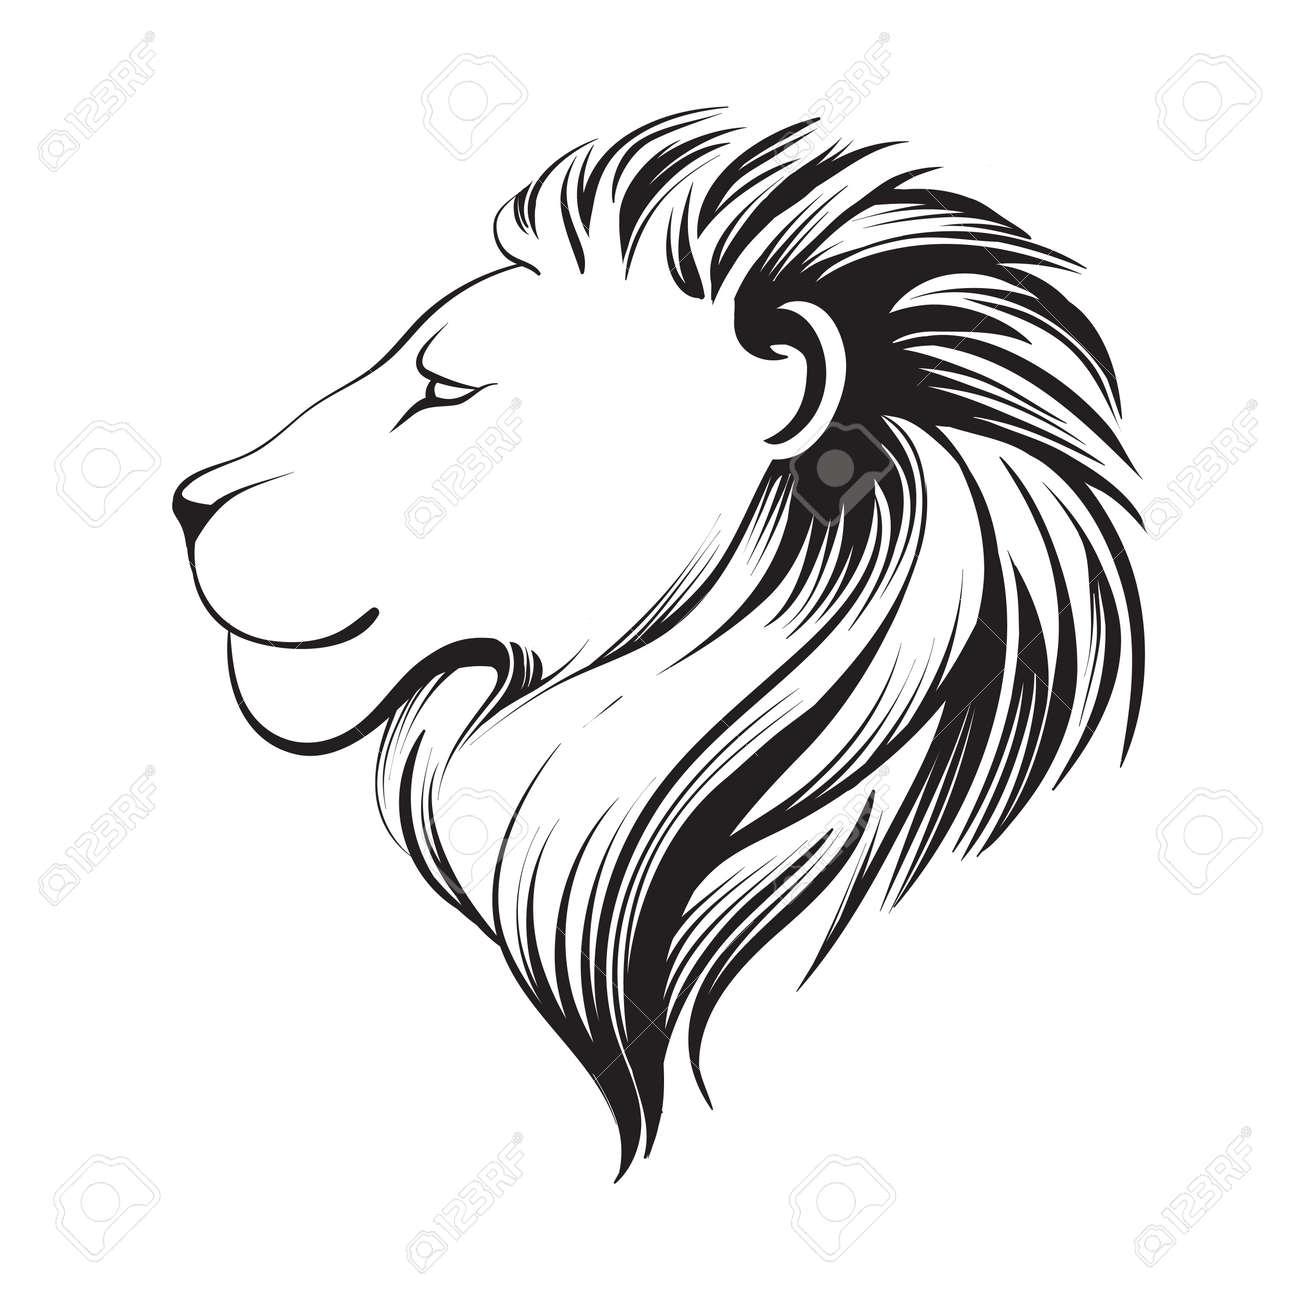 Tête à Lions Isolés Ligne Stylisée Art Linéaire Illustration Vectorielle Logo Le Profil De Lion Visage Stylé Du Lion Isolé Sur Fond Blanc